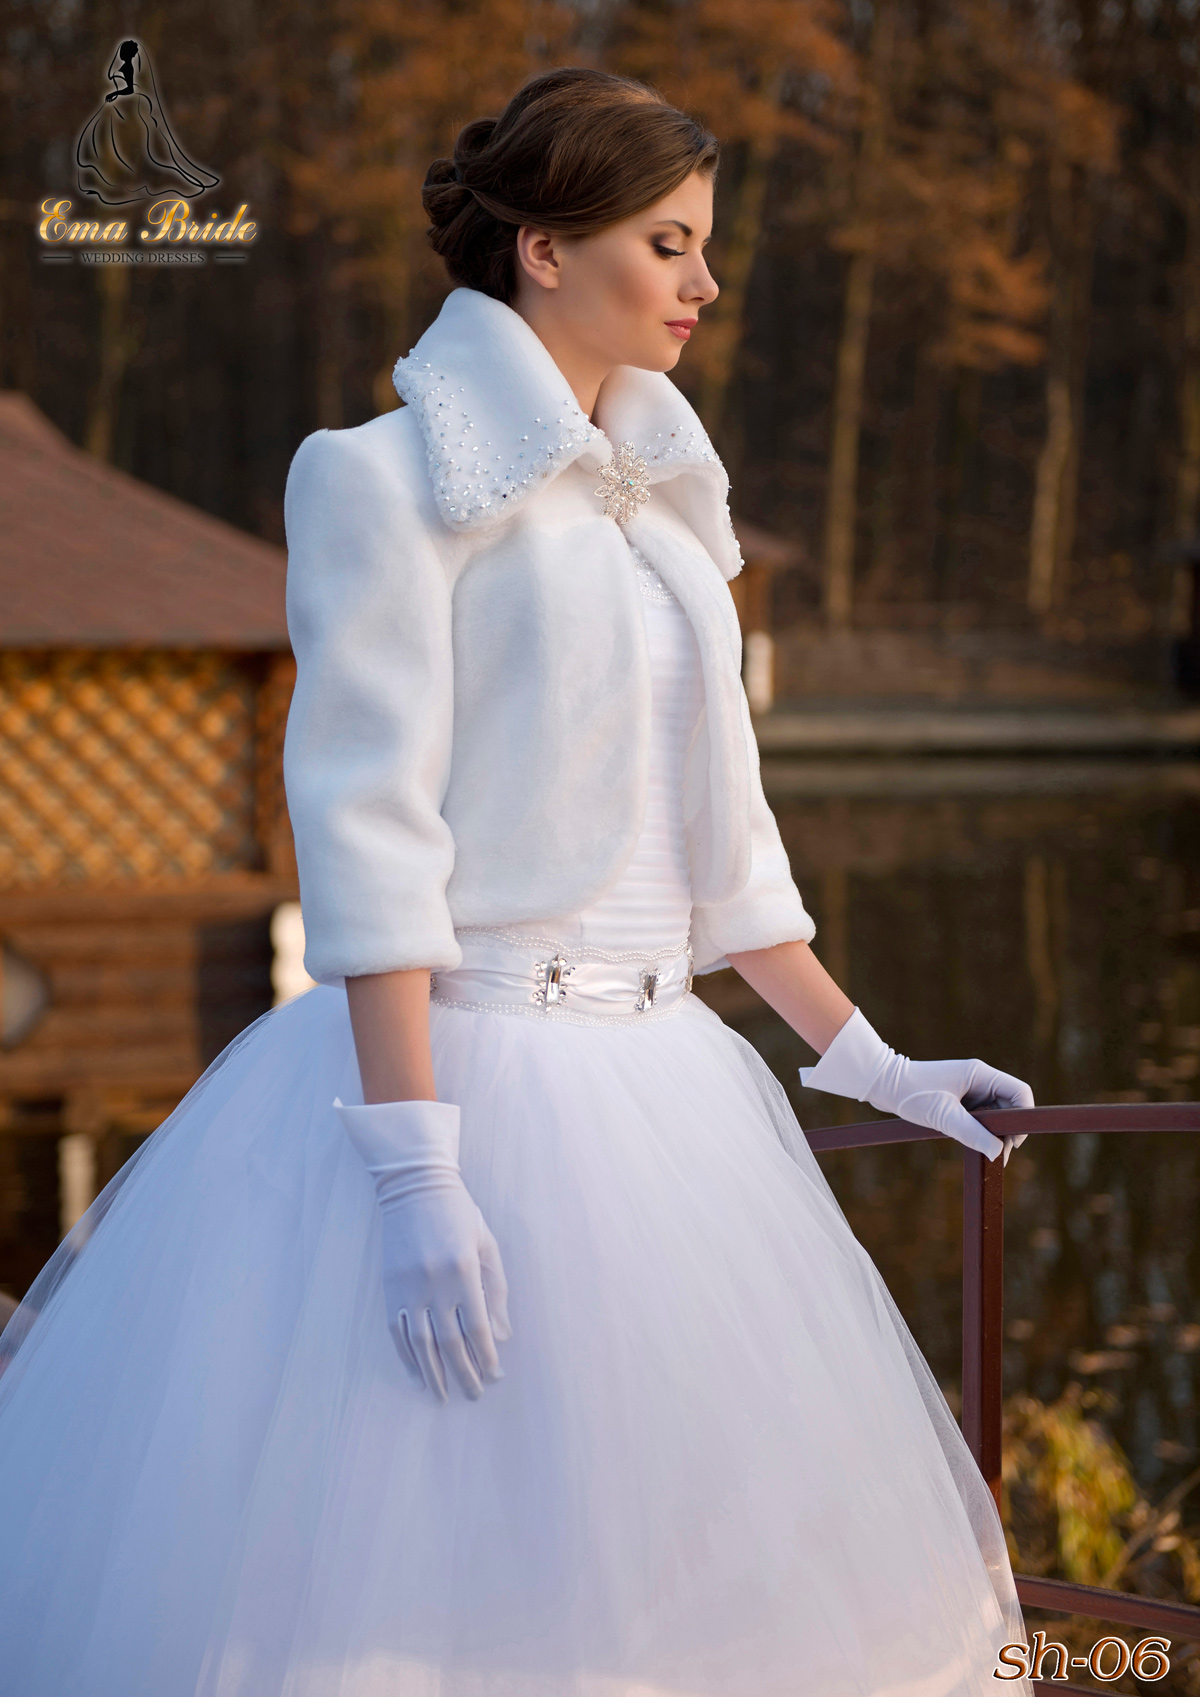 Wedding fur coat SH-06-1